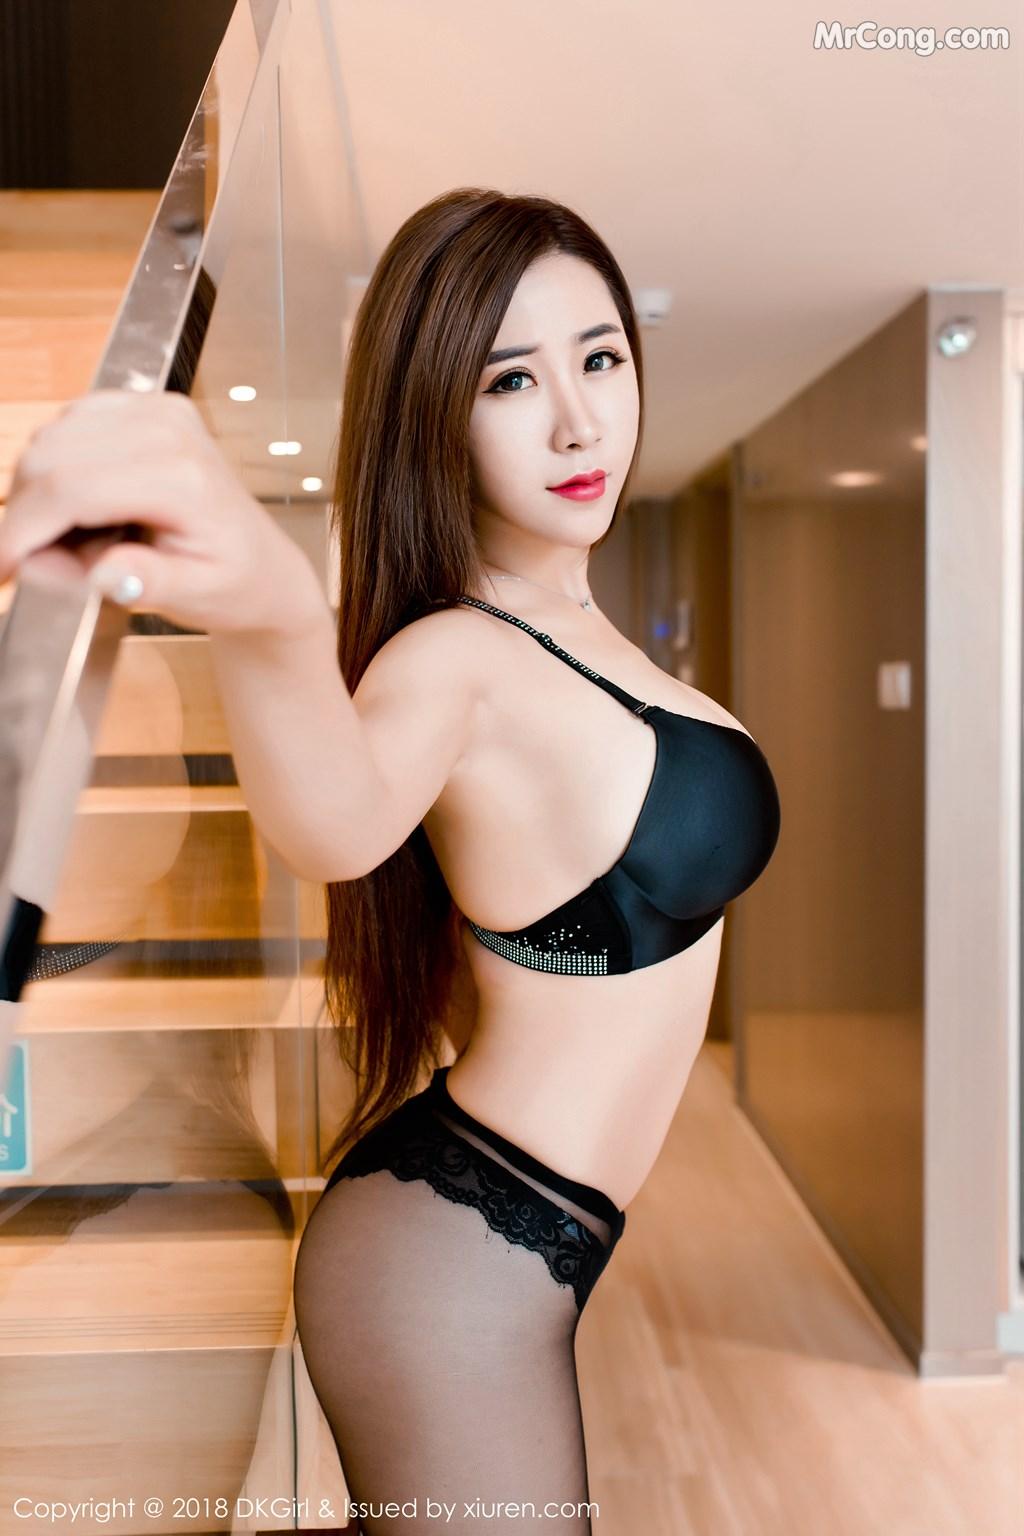 Image DKGirl-Vol.086-Cier-MrCong.com-005 in post DKGirl Vol.086: Người mẫu 雪儿Cier (47 ảnh)